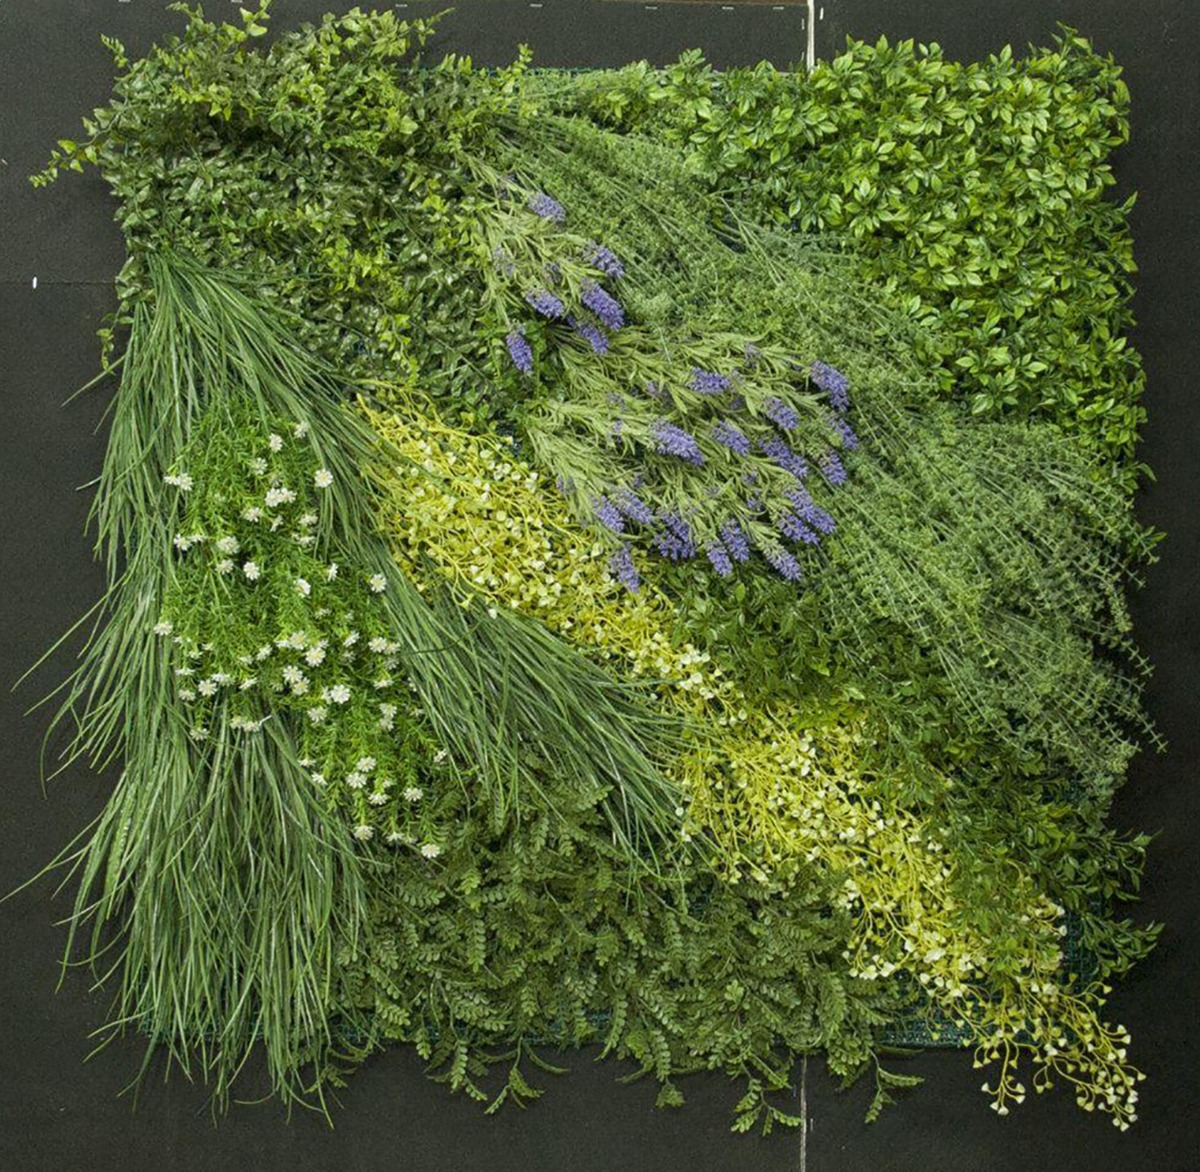 Plantas artificiales de exterior los detalles de sonia momp - Plantas artificiales exterior ...